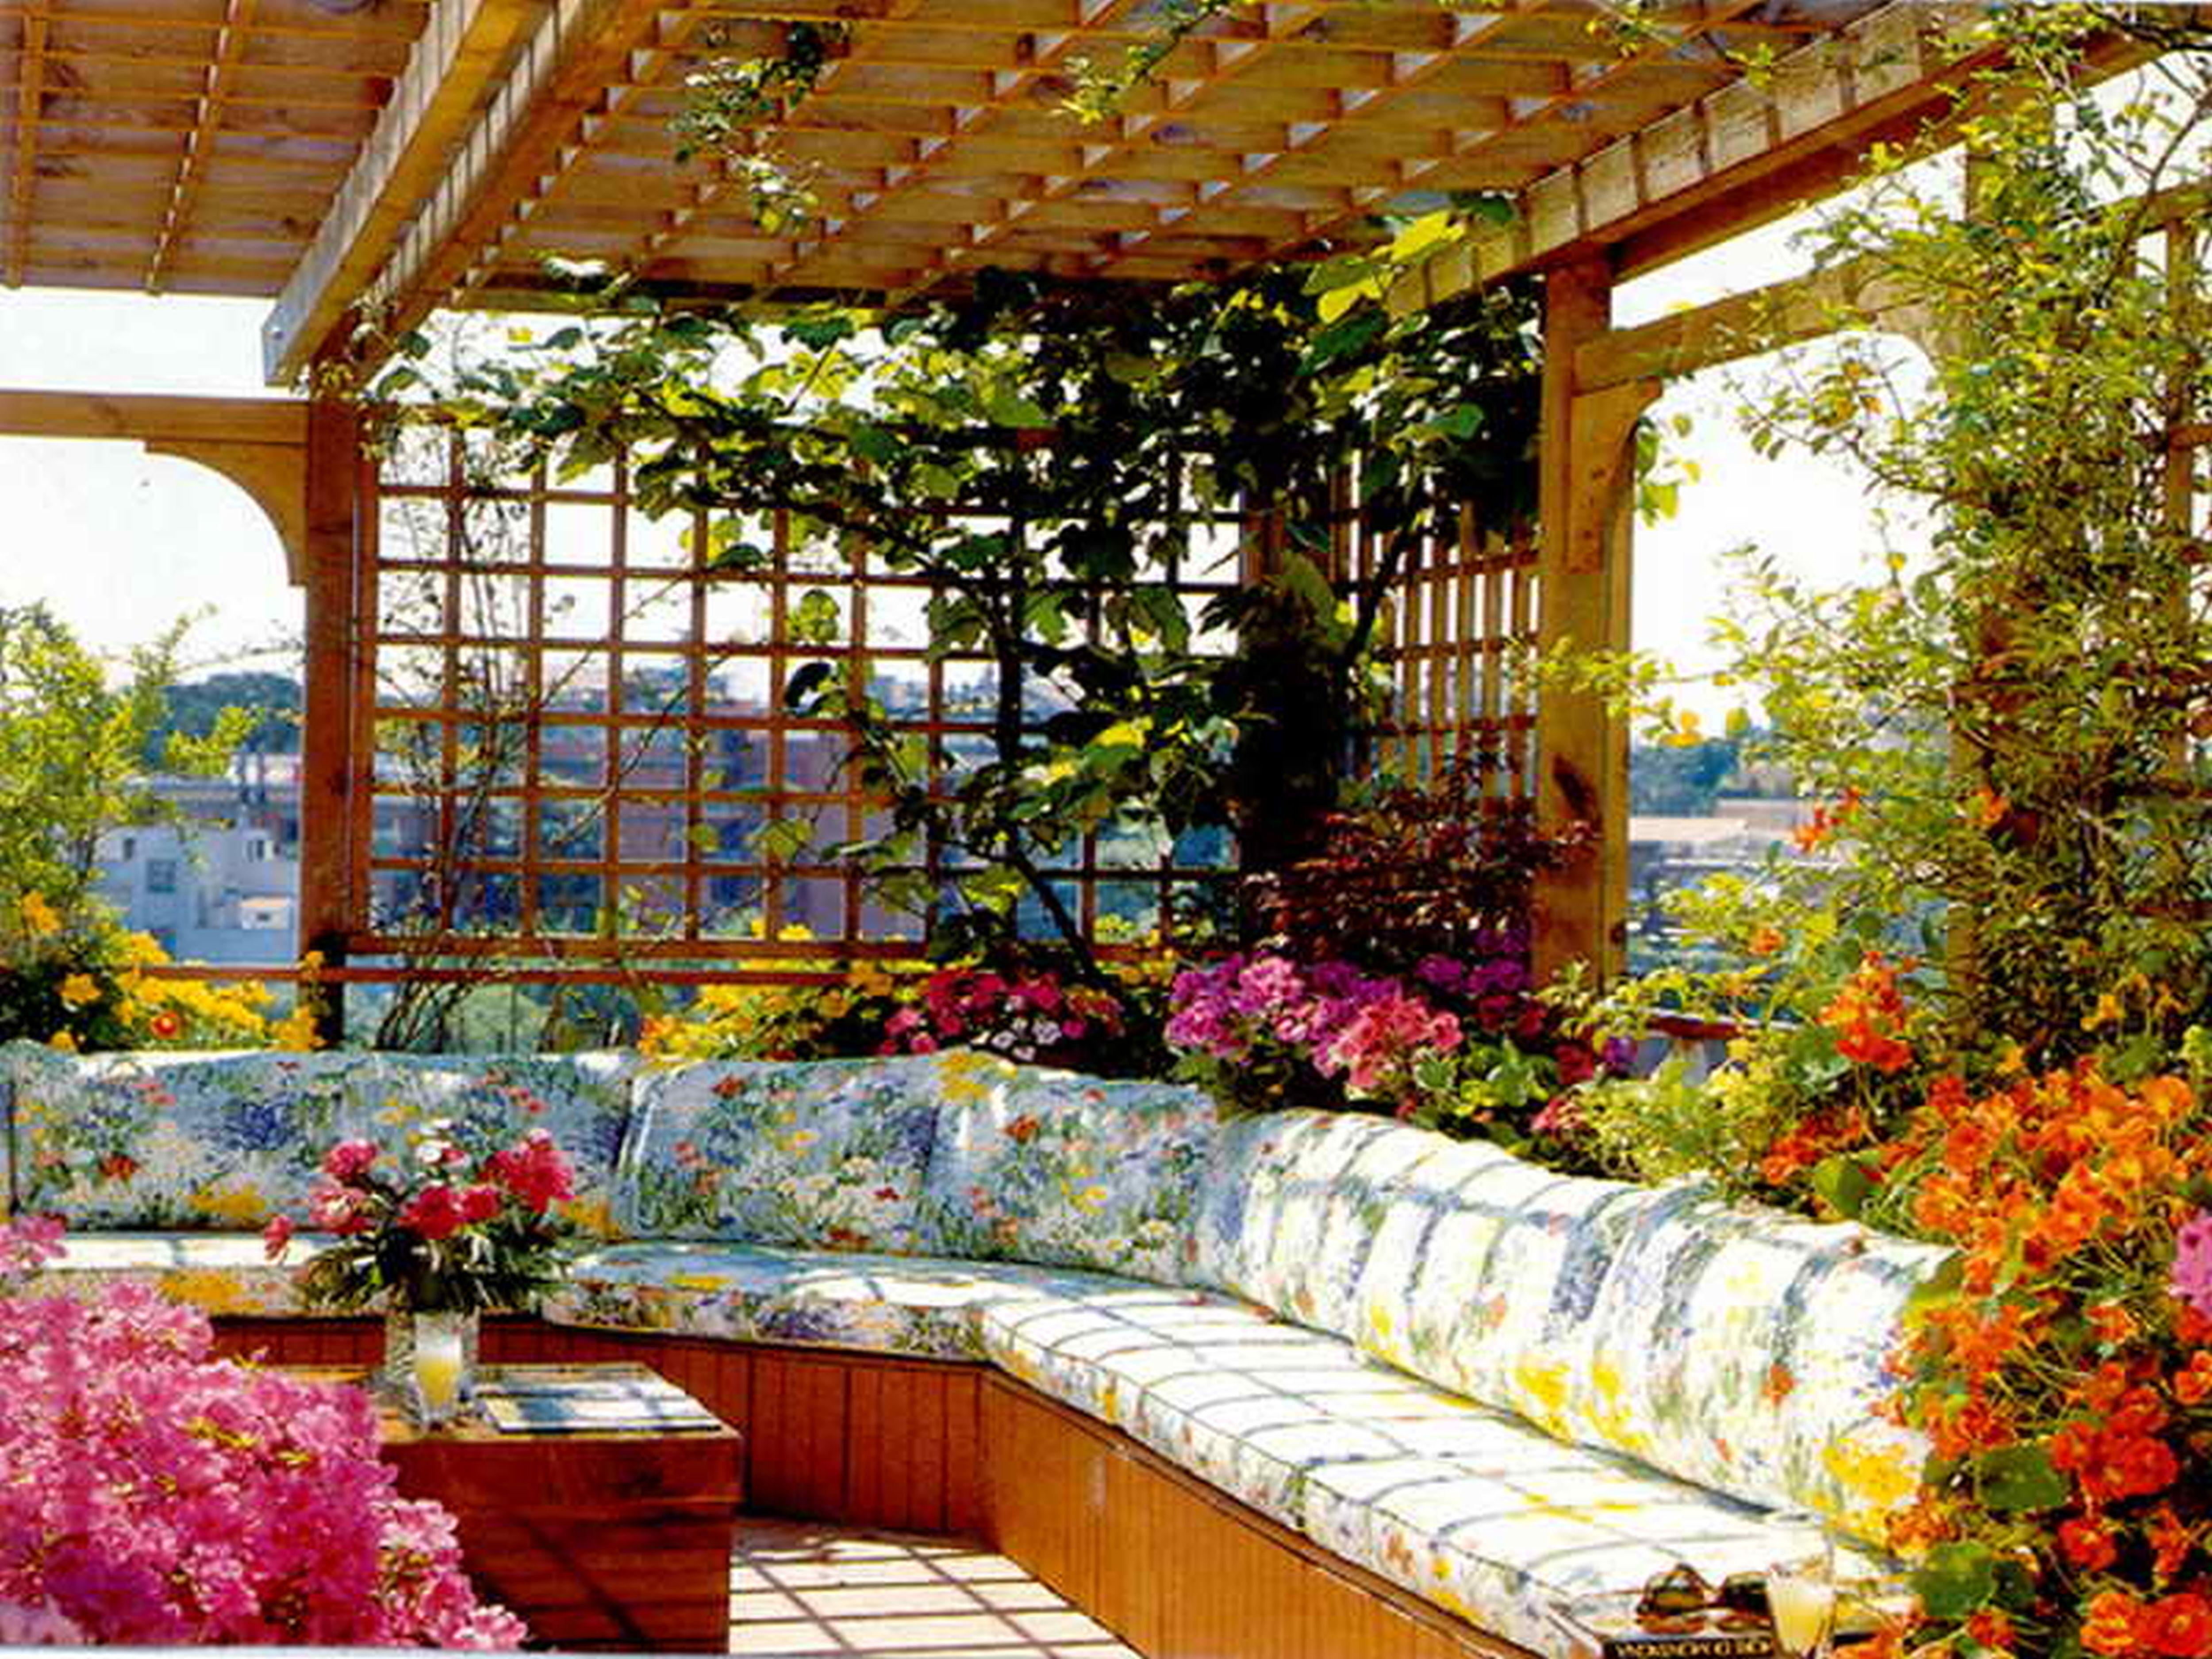 rooftop flower garden design ideas mediterranean style 1836